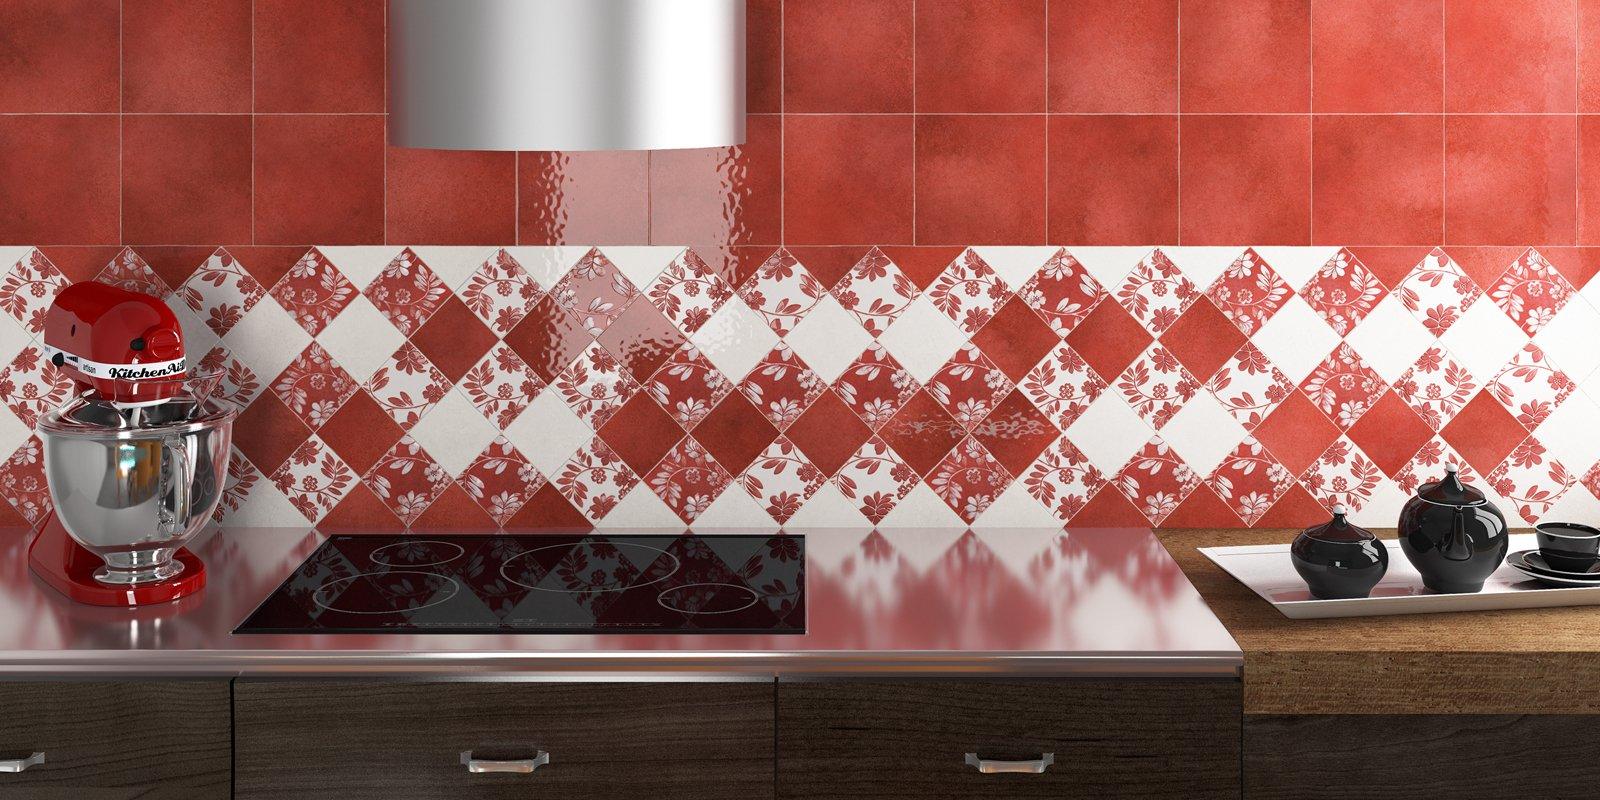 Cucina piastrelle per le pareti cose di casa - Rivestimento cucina no piastrelle ...